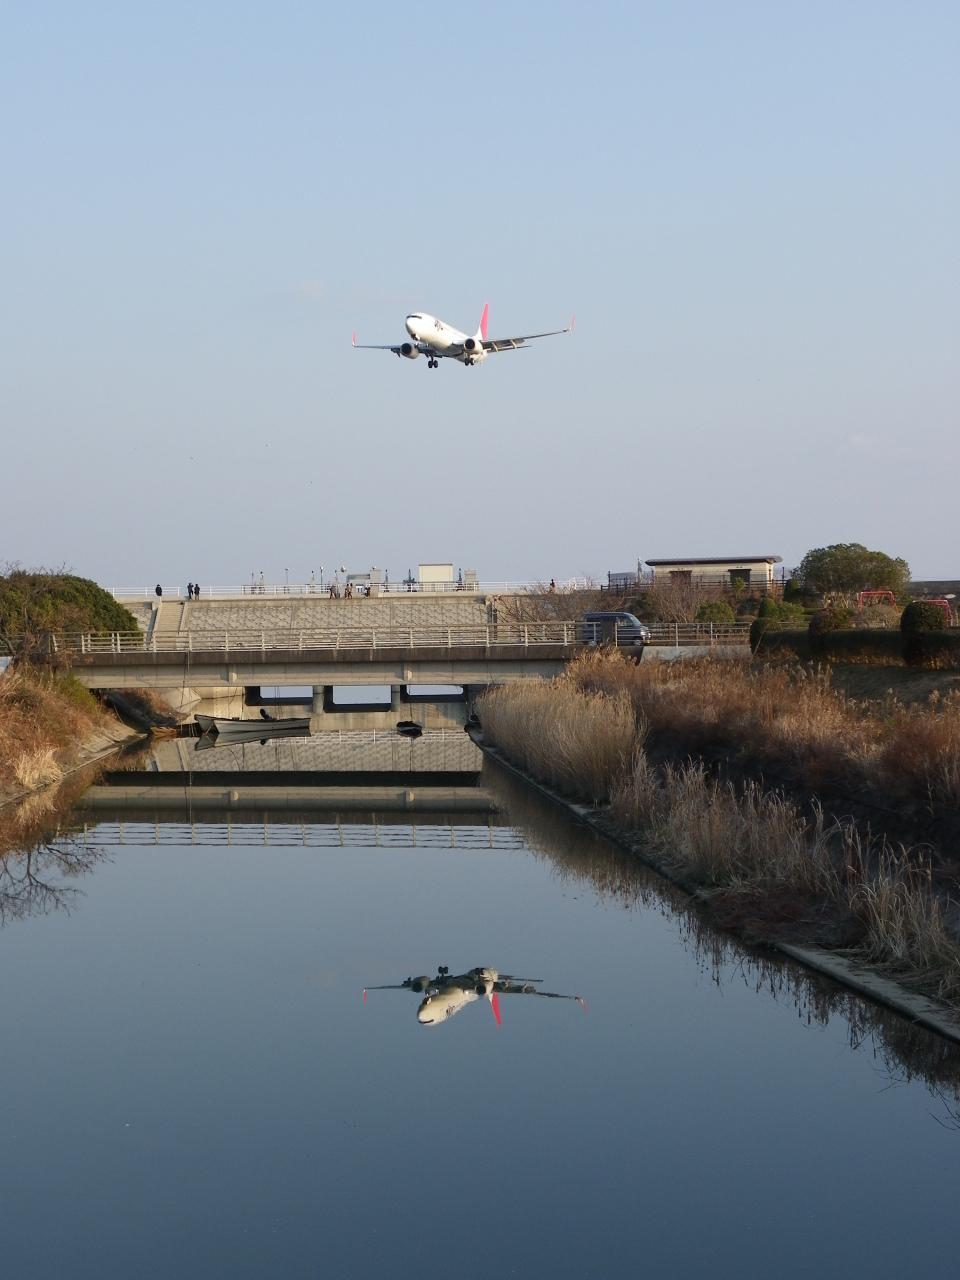 DREAMWINGさんのJALエクスプレス Boeing 737-800 (JA322J) 航空フォト